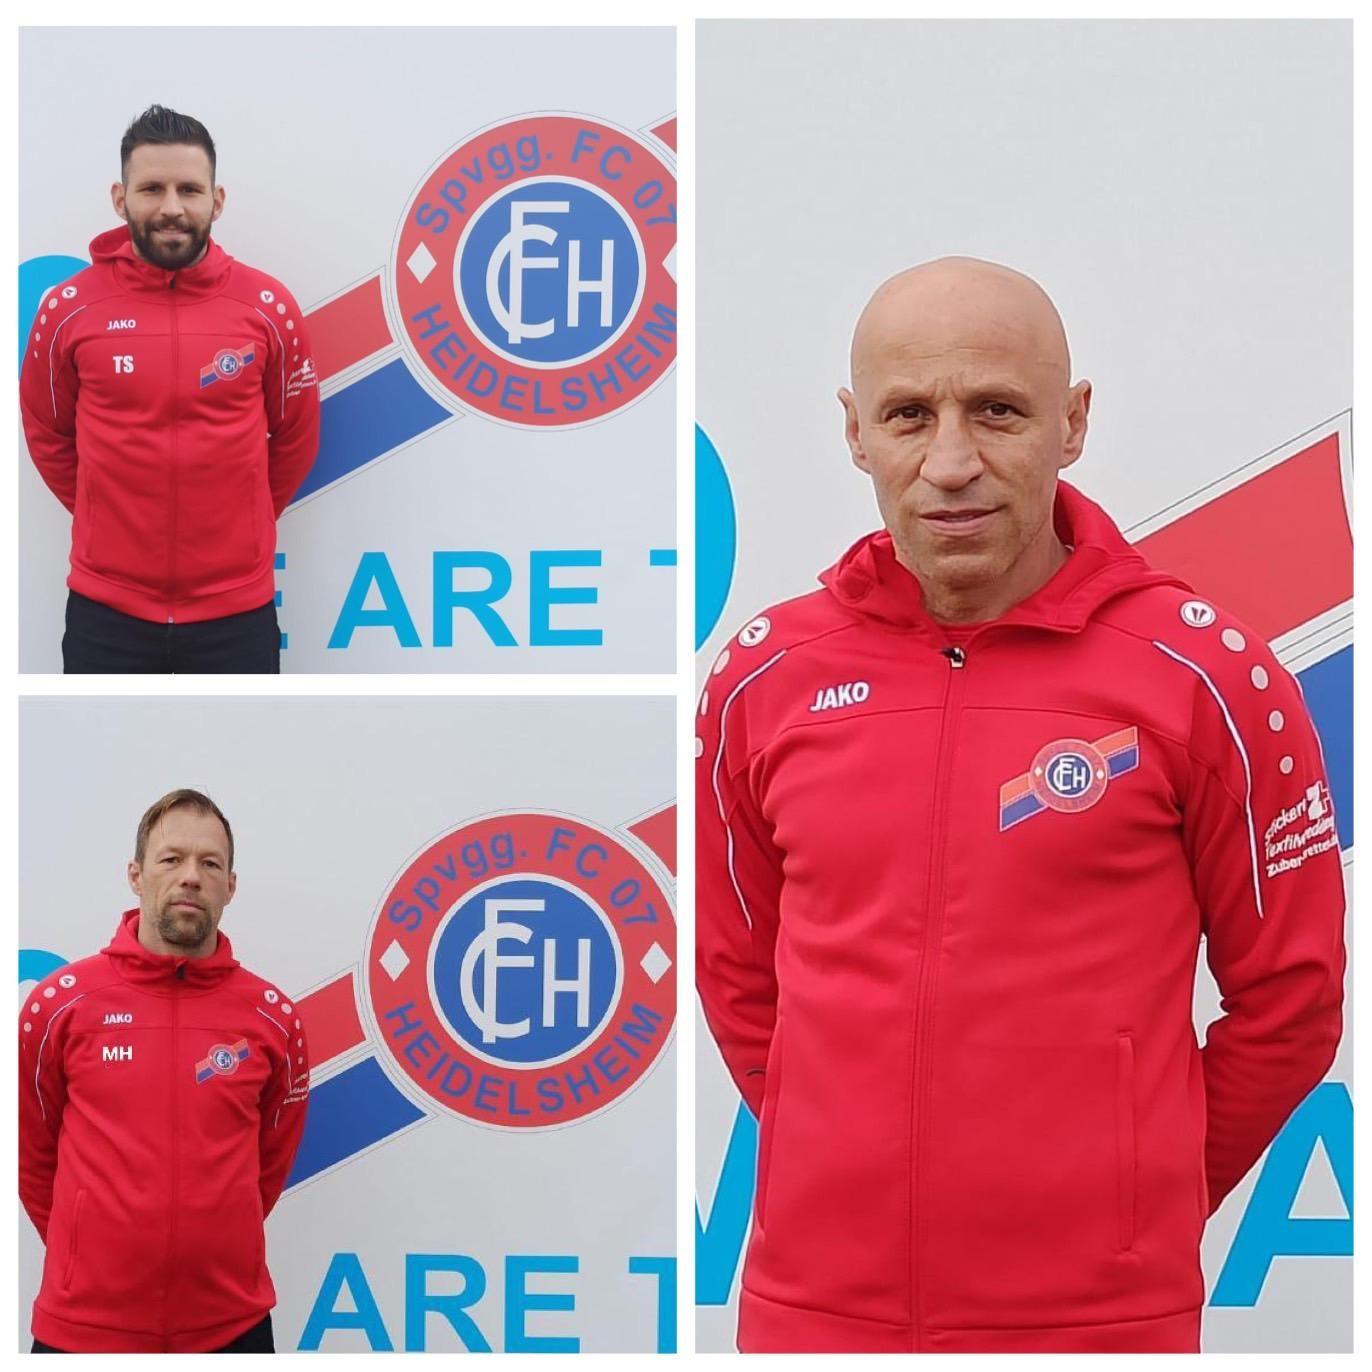 Zuwachs für das Trainerteam unserer 1. Mannschaft!